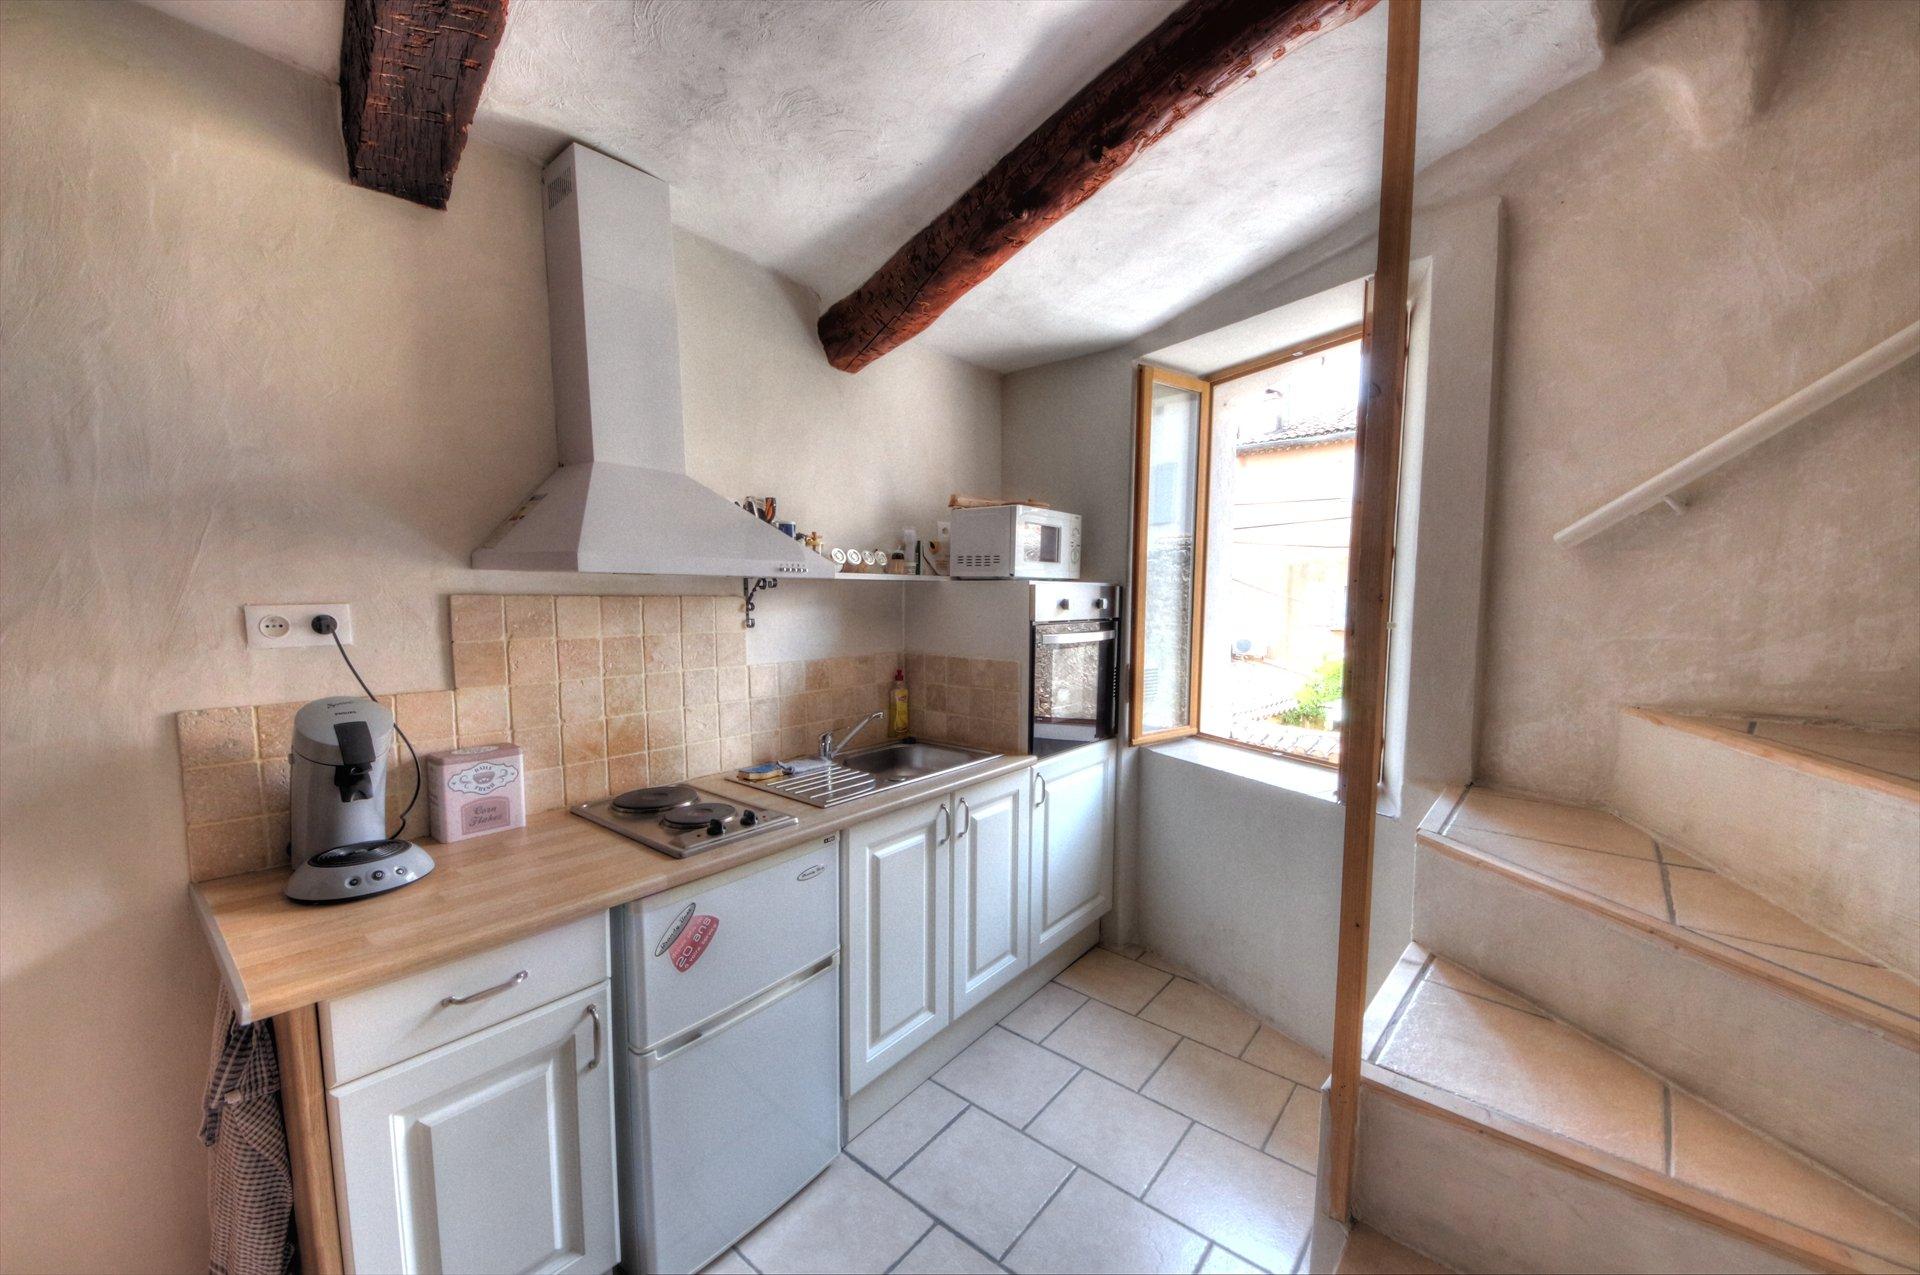 Joli espace cuisine ensoleillé - 1er étage de la maison - accès séjour